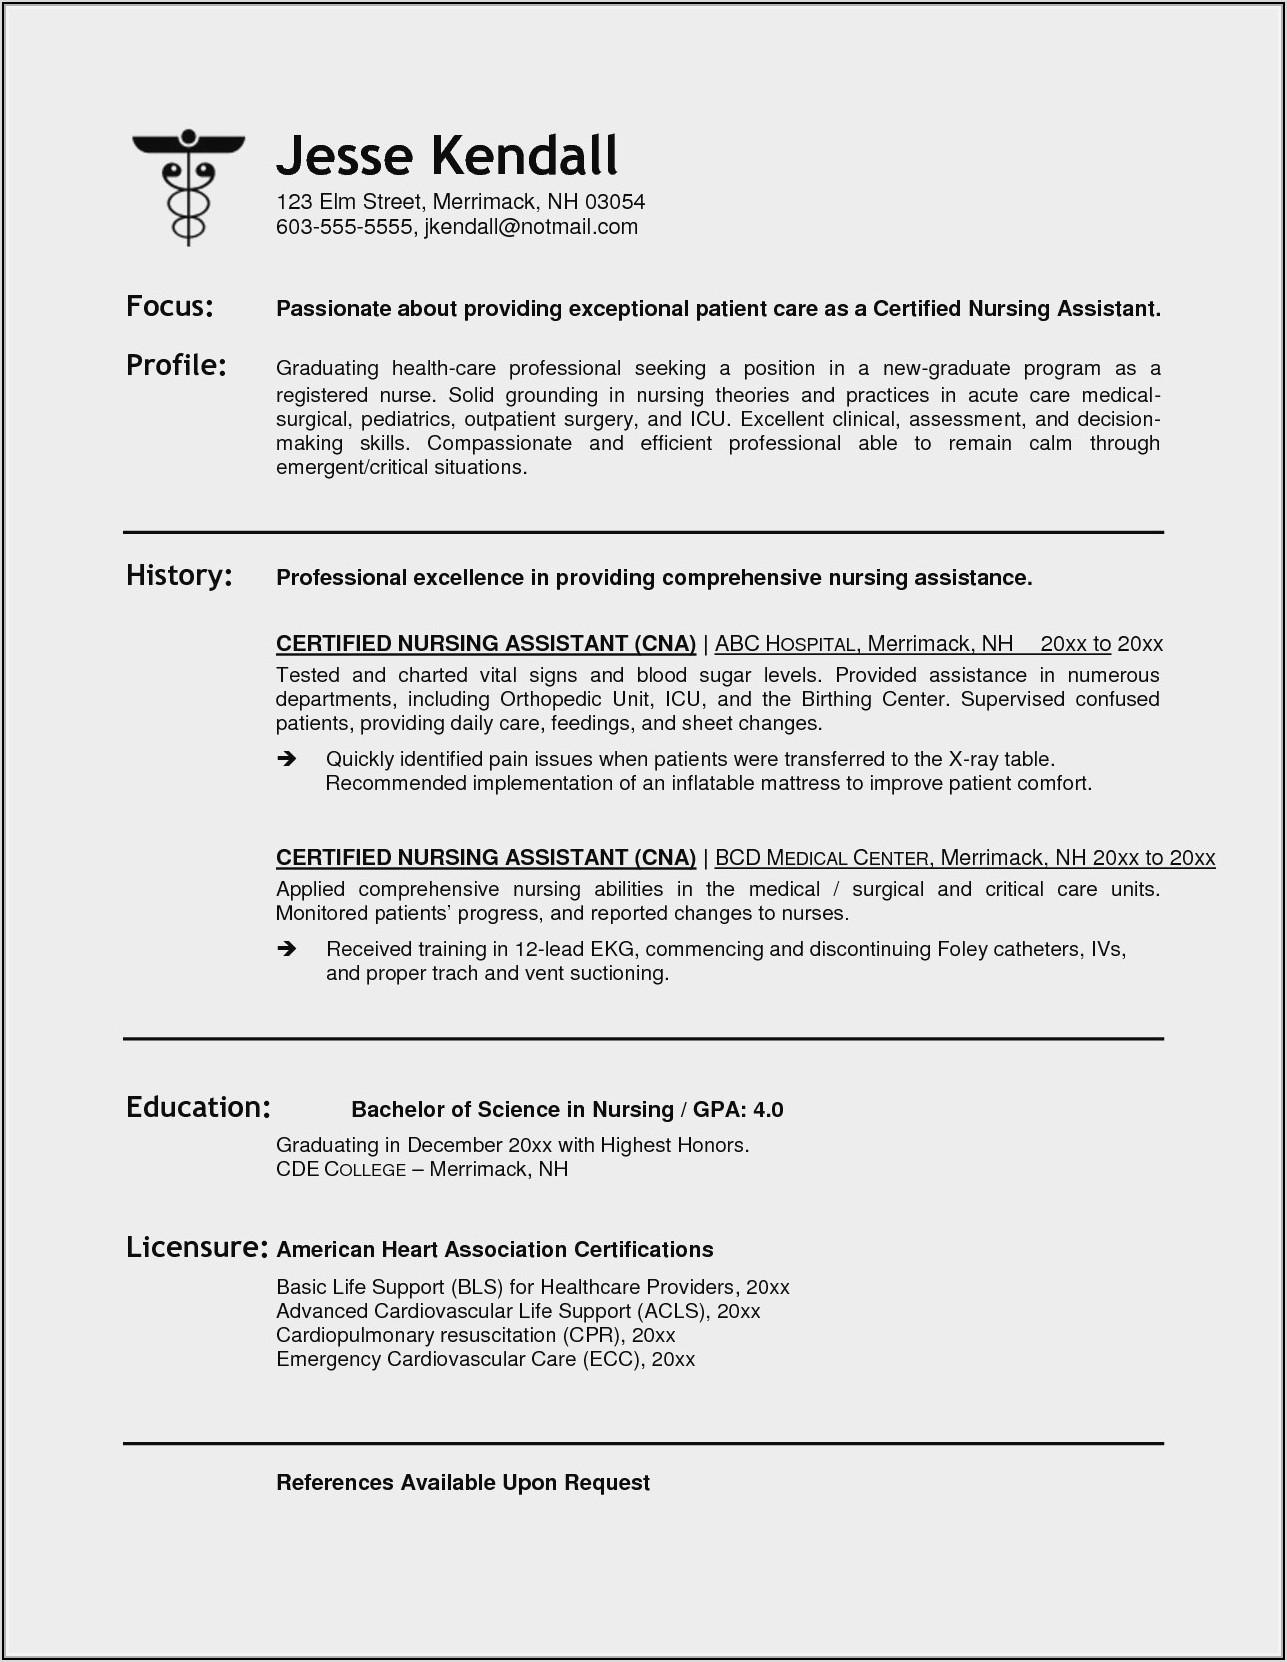 Resume Format For Nursing Assistant